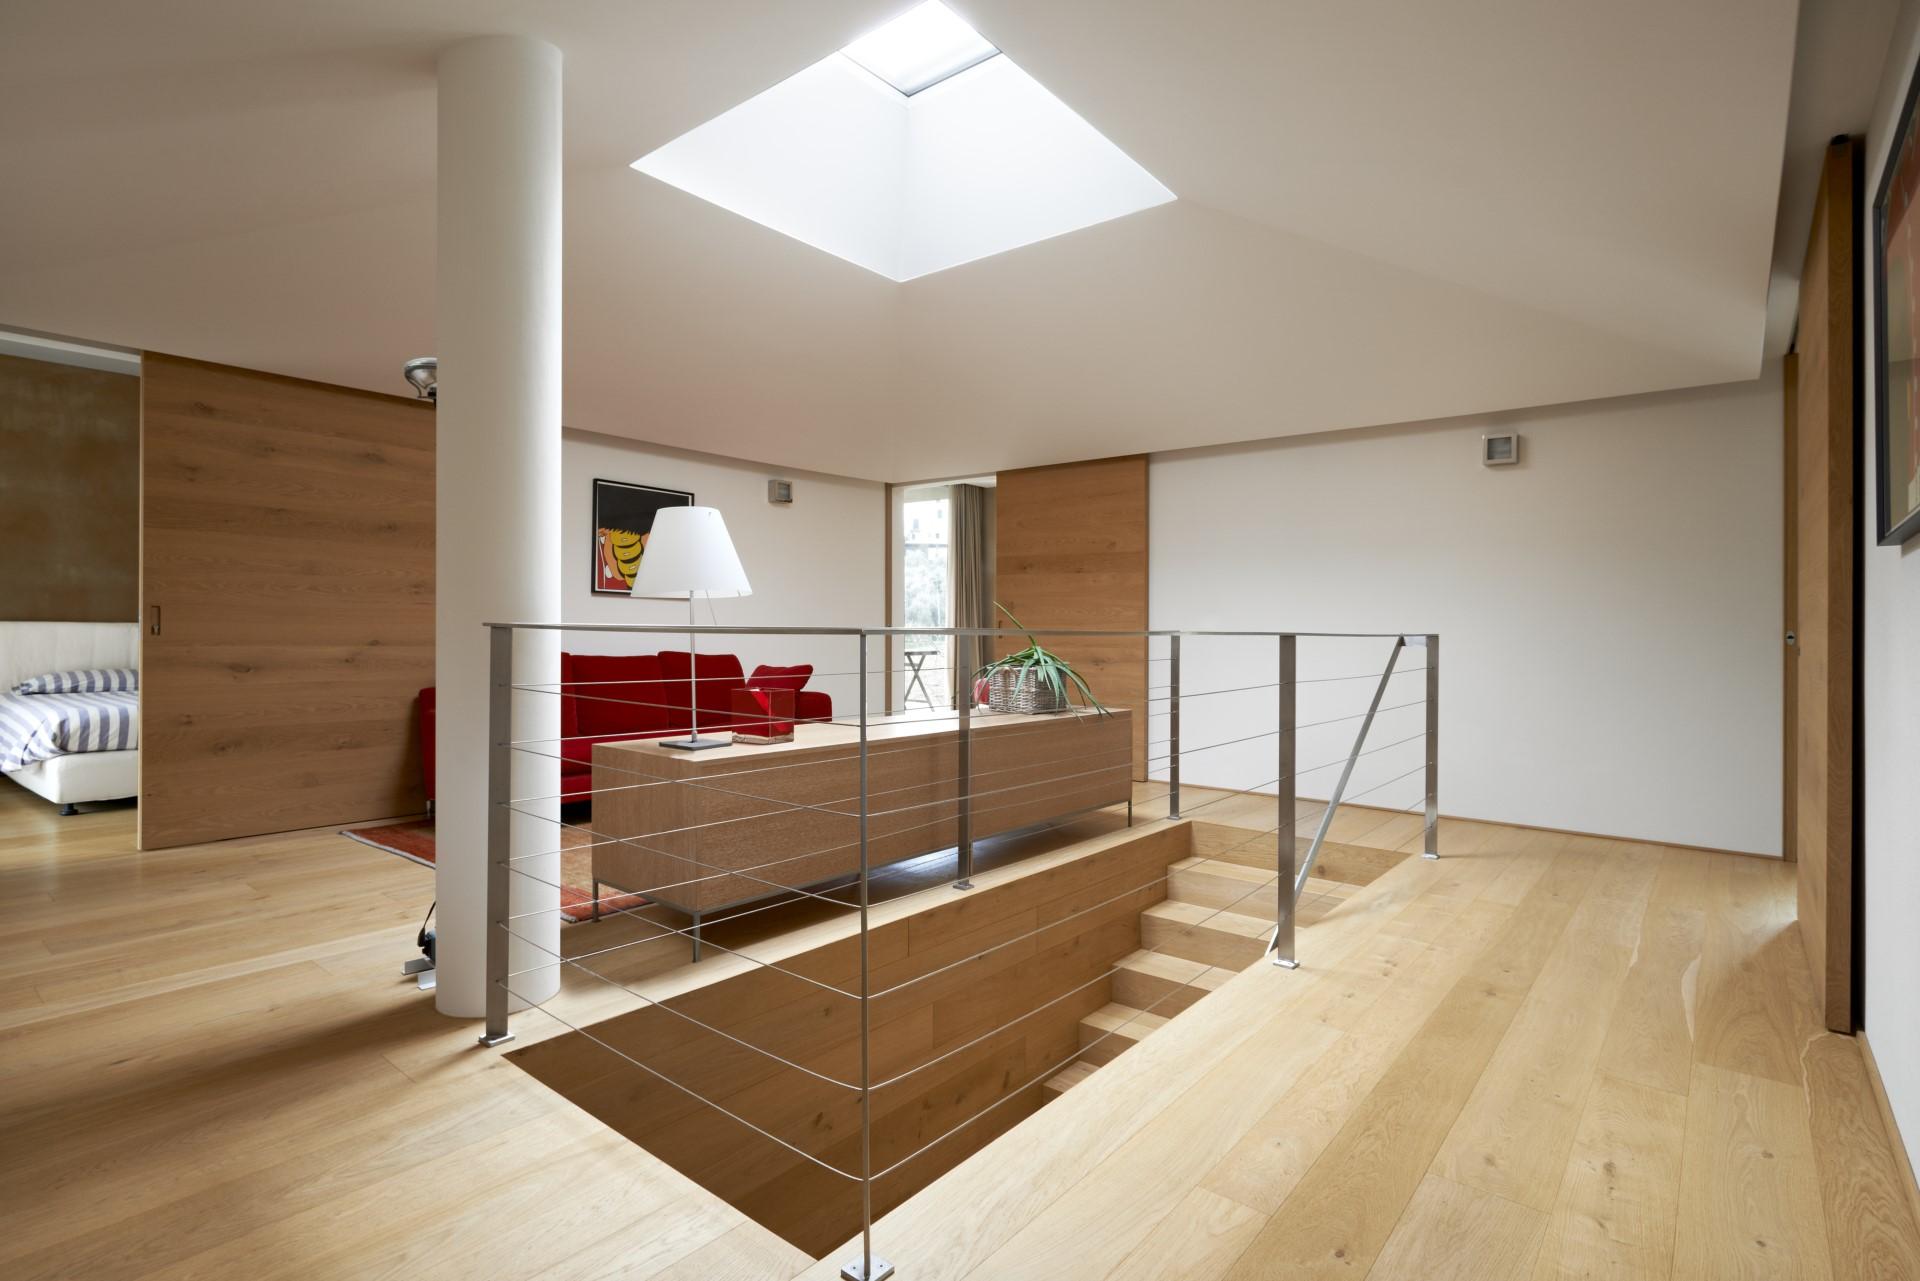 Illuminazione Piano Lavoro Cucina 6 consigli per sfruttare la luce naturale e illuminare tutte